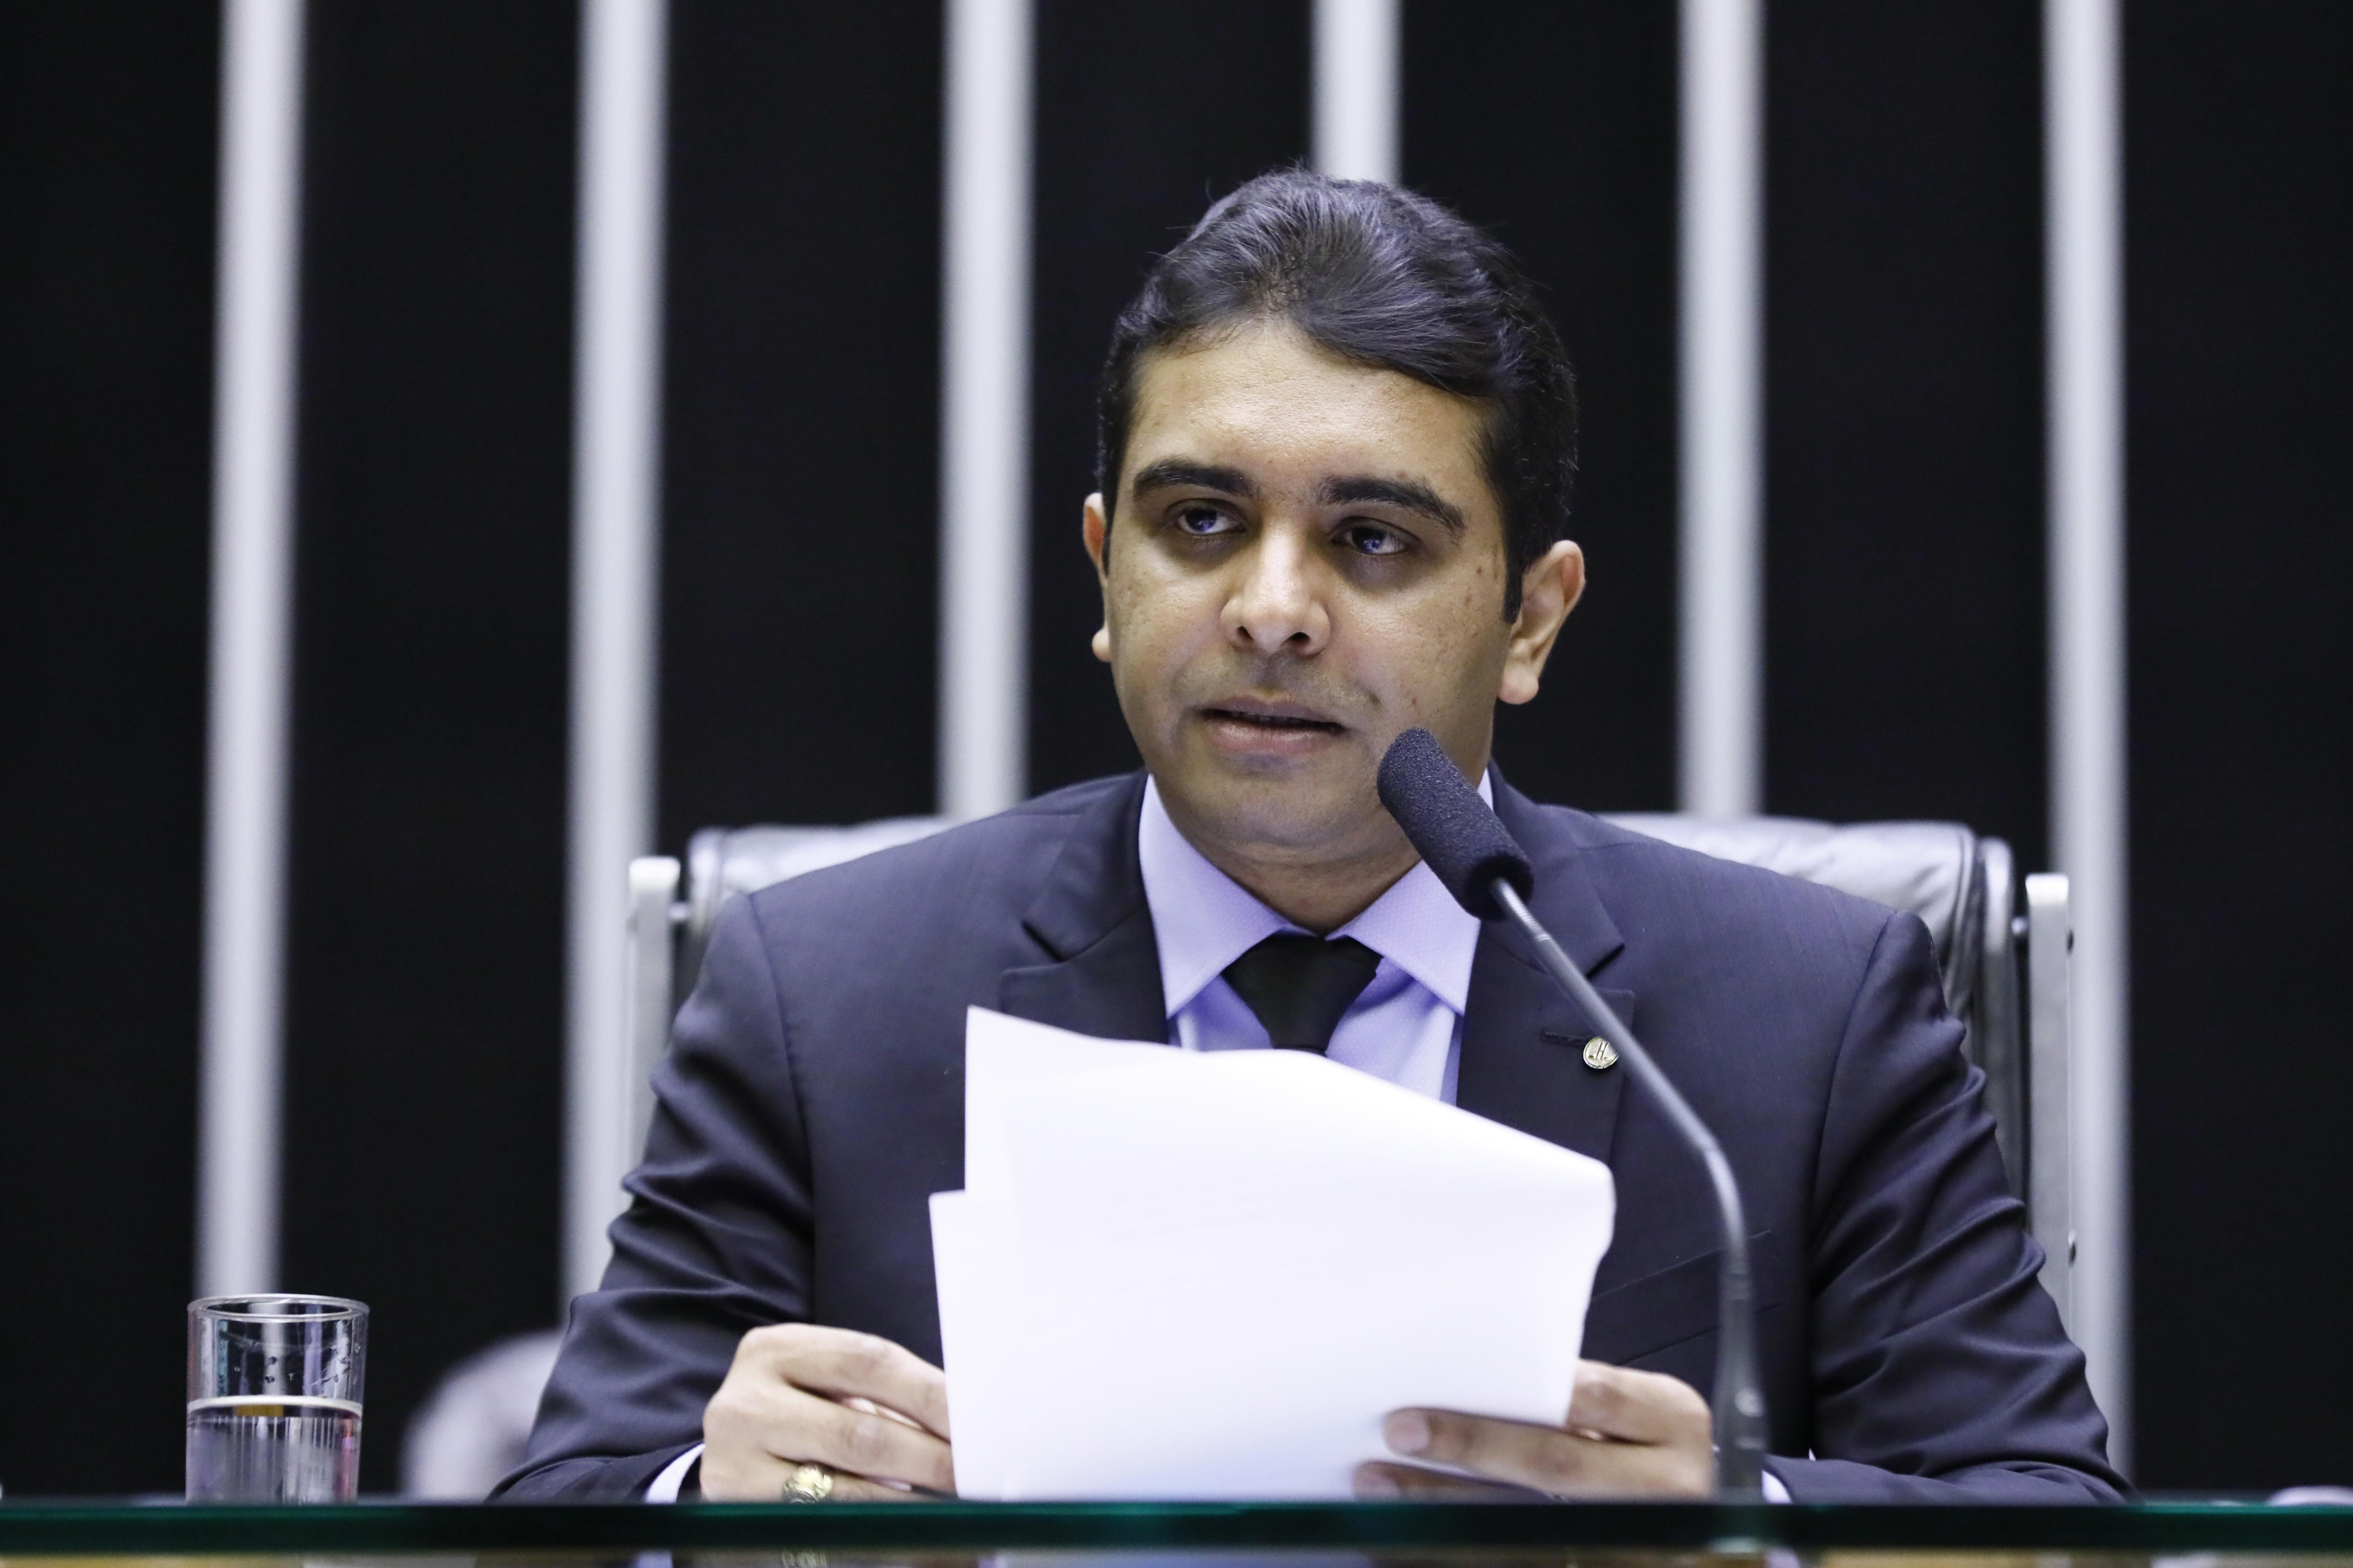 Homenagem aos 162 anos do Município de Caruaru/PE. Dep. Fernando Rodolfo (PL-PE)